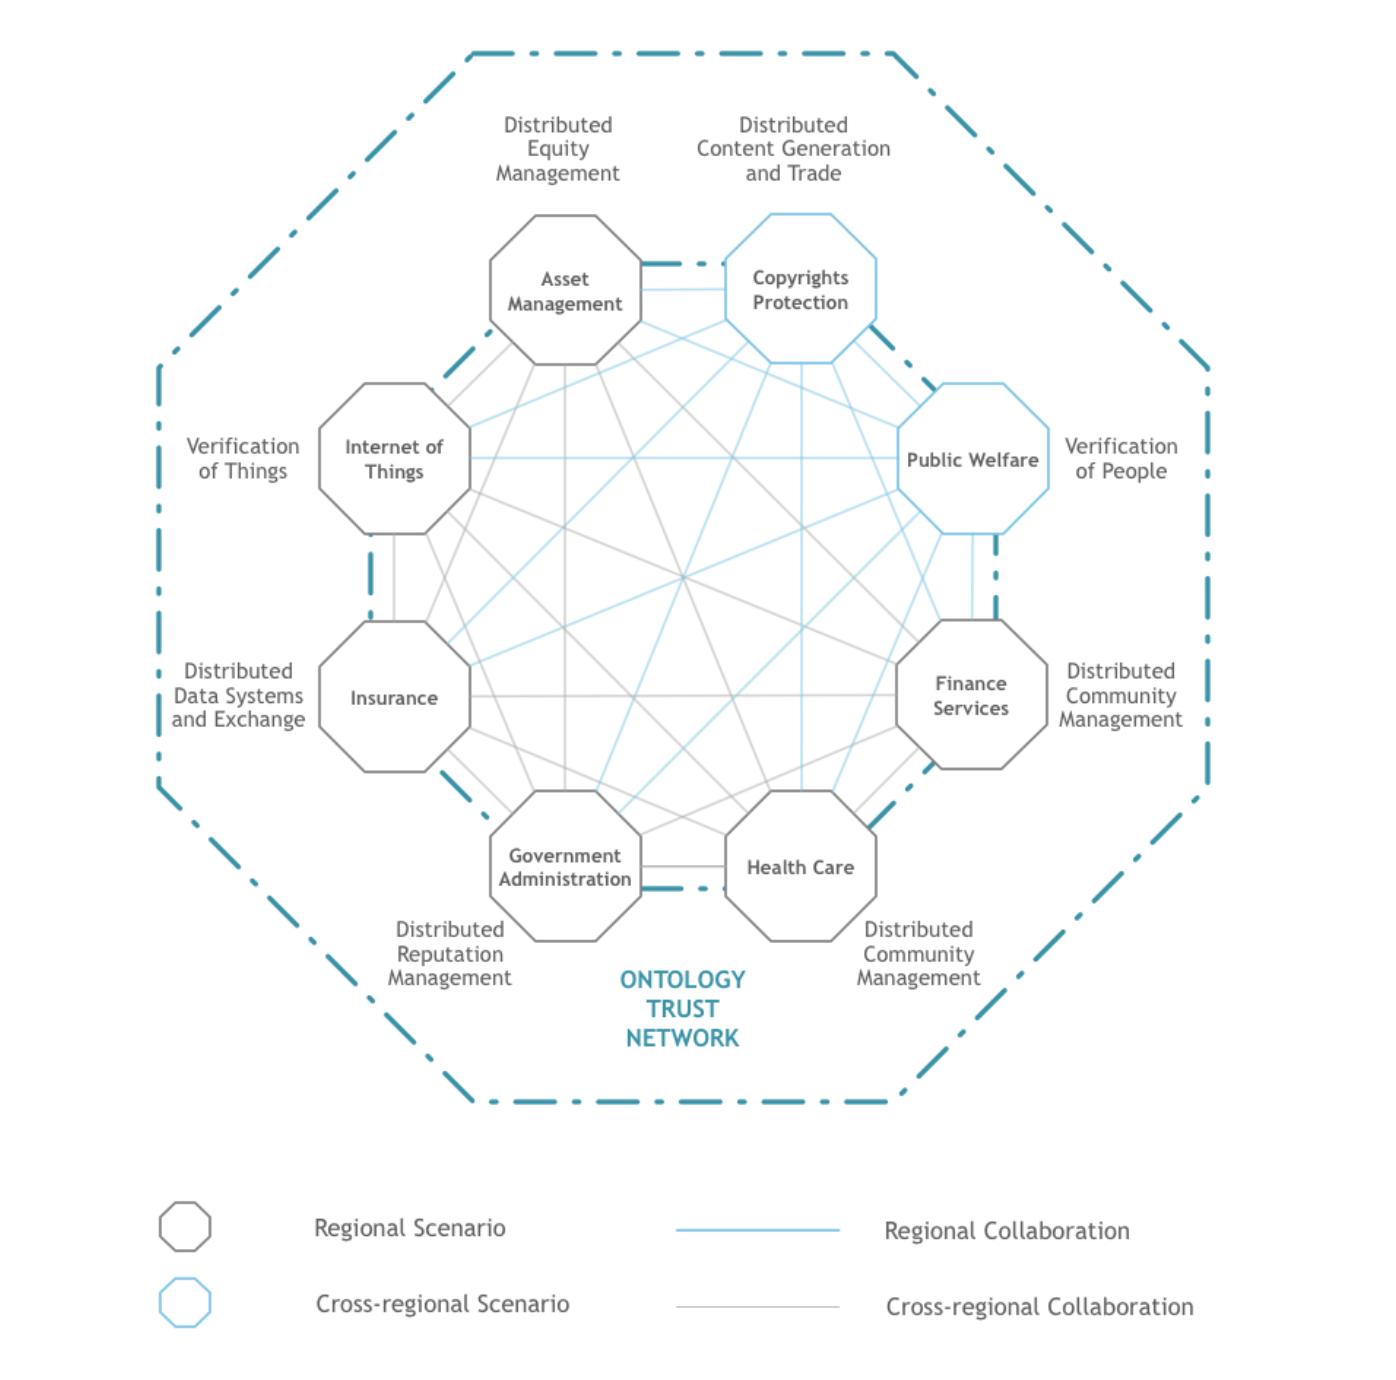 چگونه فناوری بلاک چین فعالیت های تجاری را روان تر می کند؟